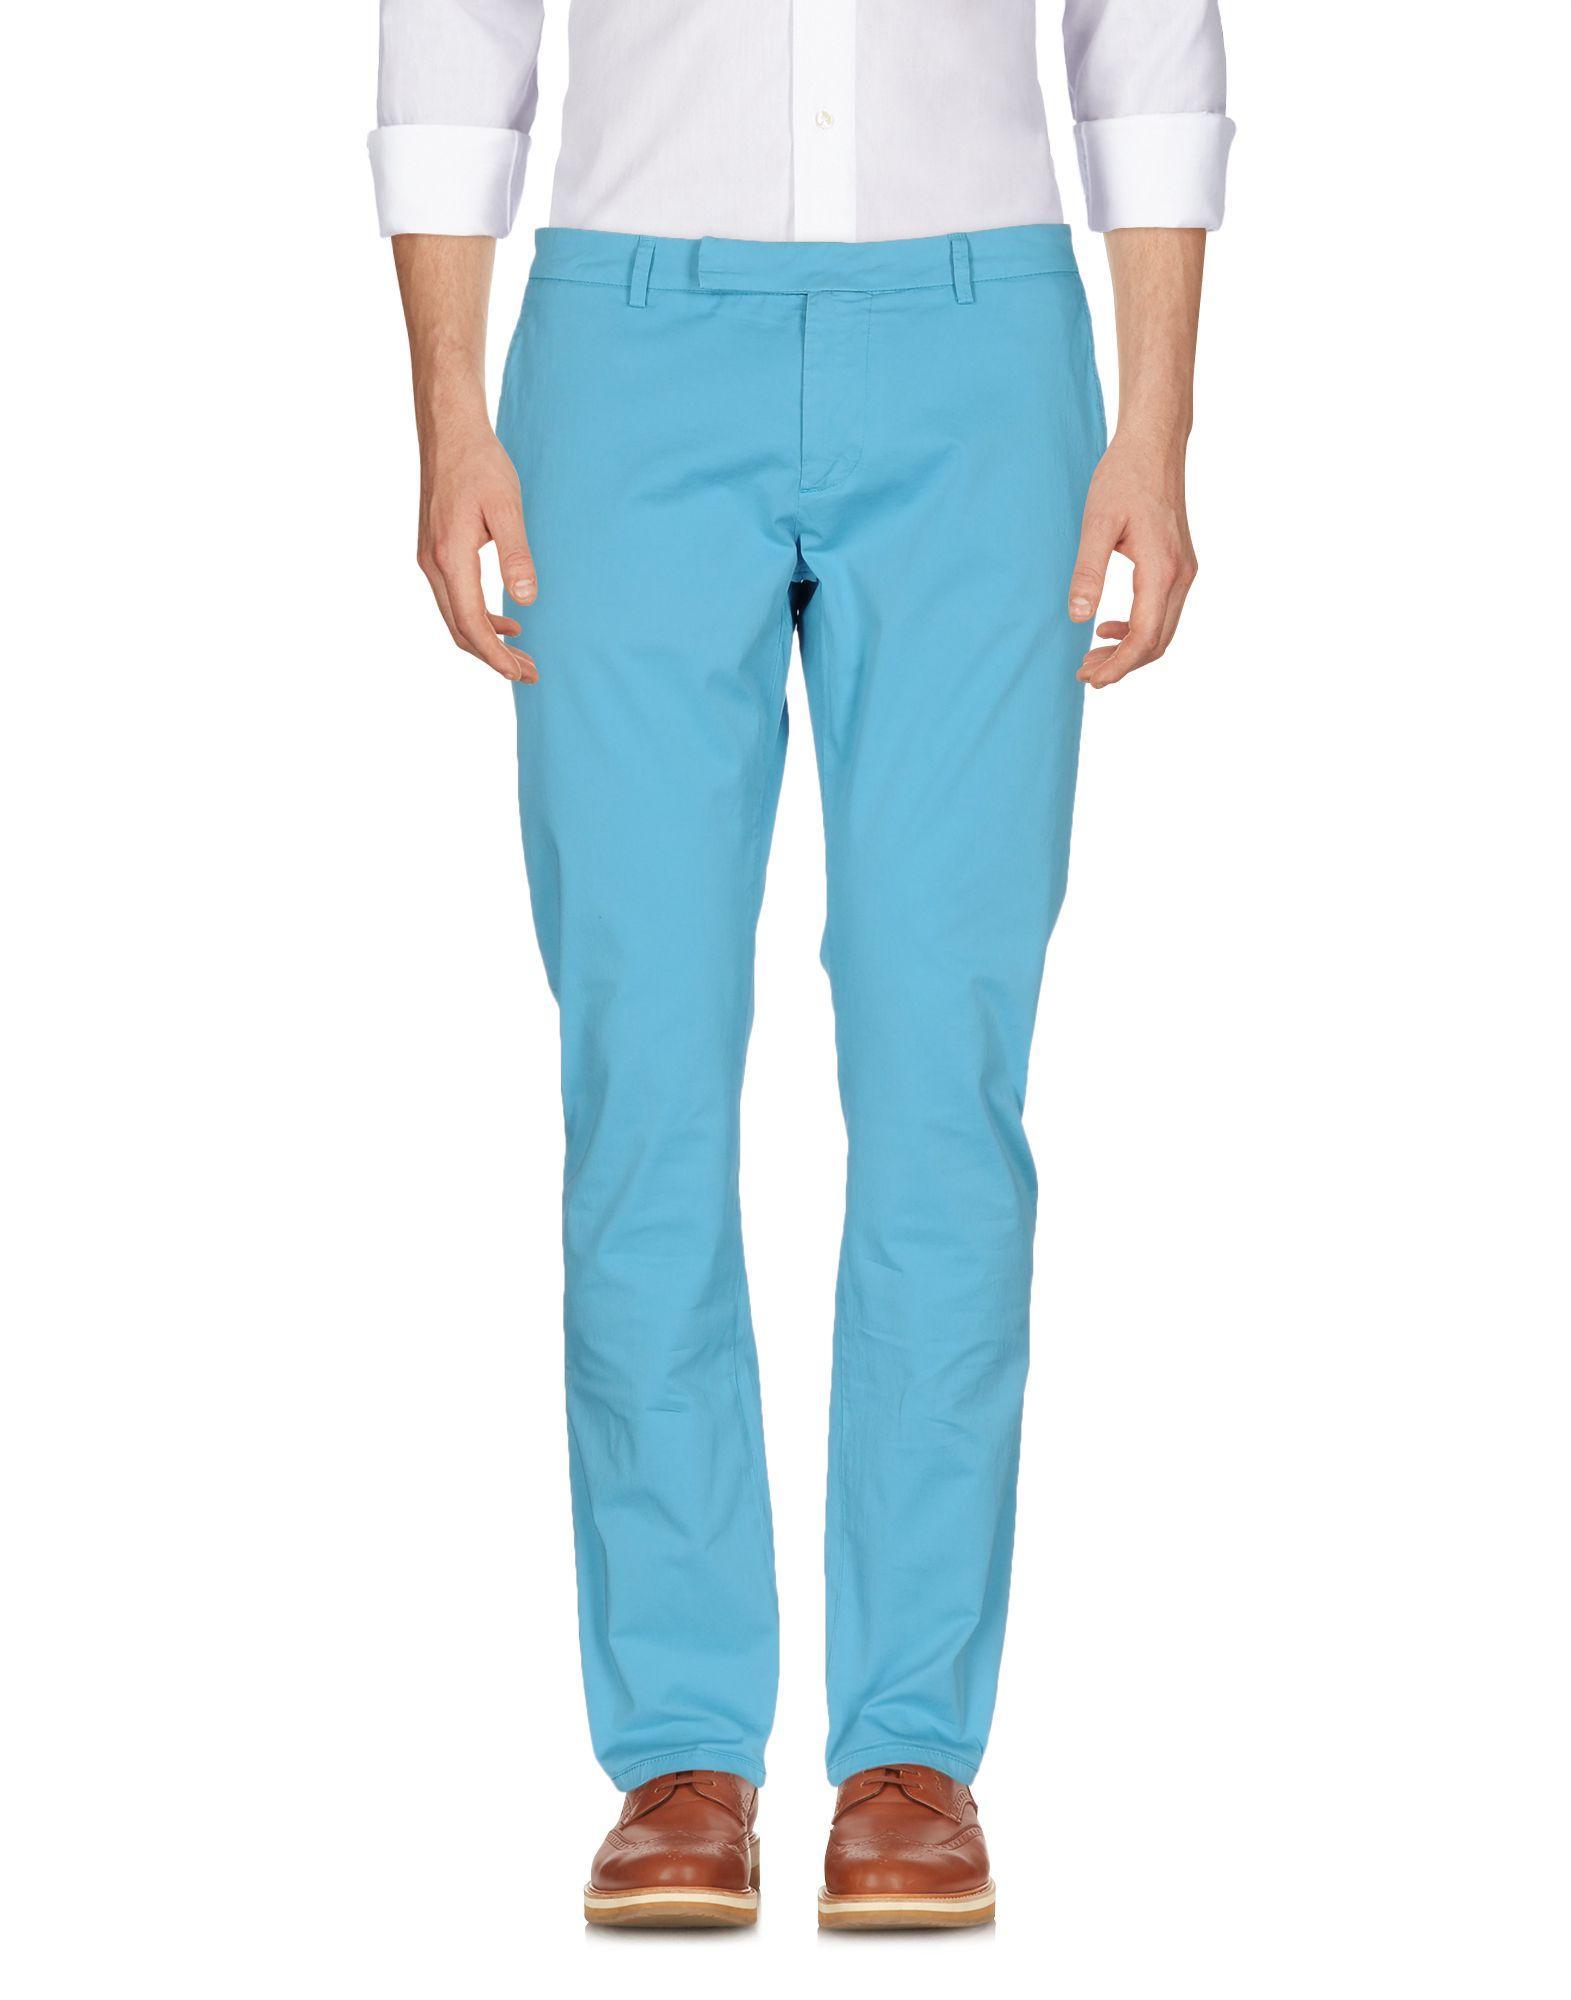 цены на STEFANO CALMONTE per BD Повседневные брюки в интернет-магазинах